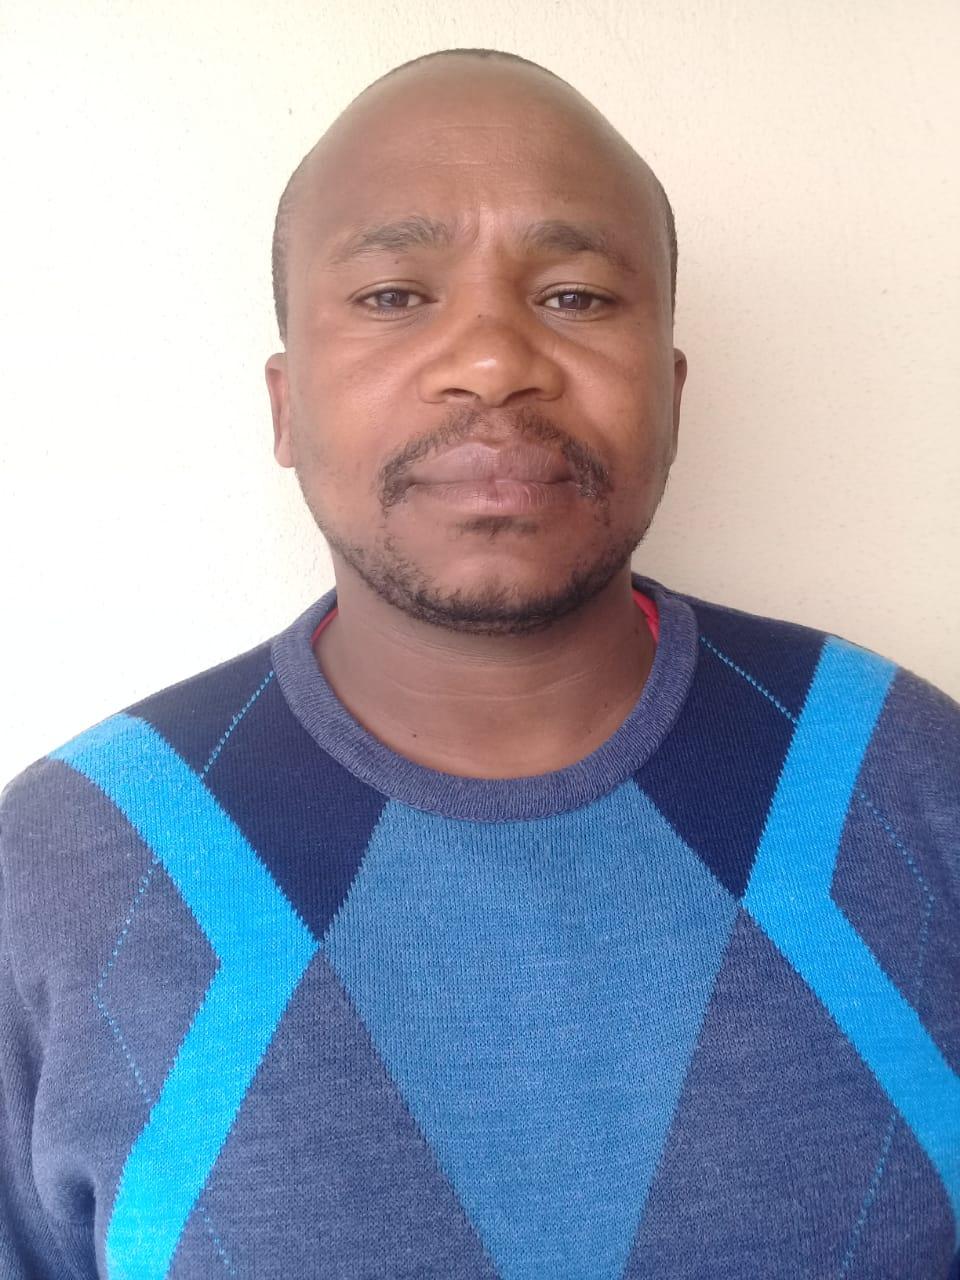 Mr. Nkosikhona Dlamini